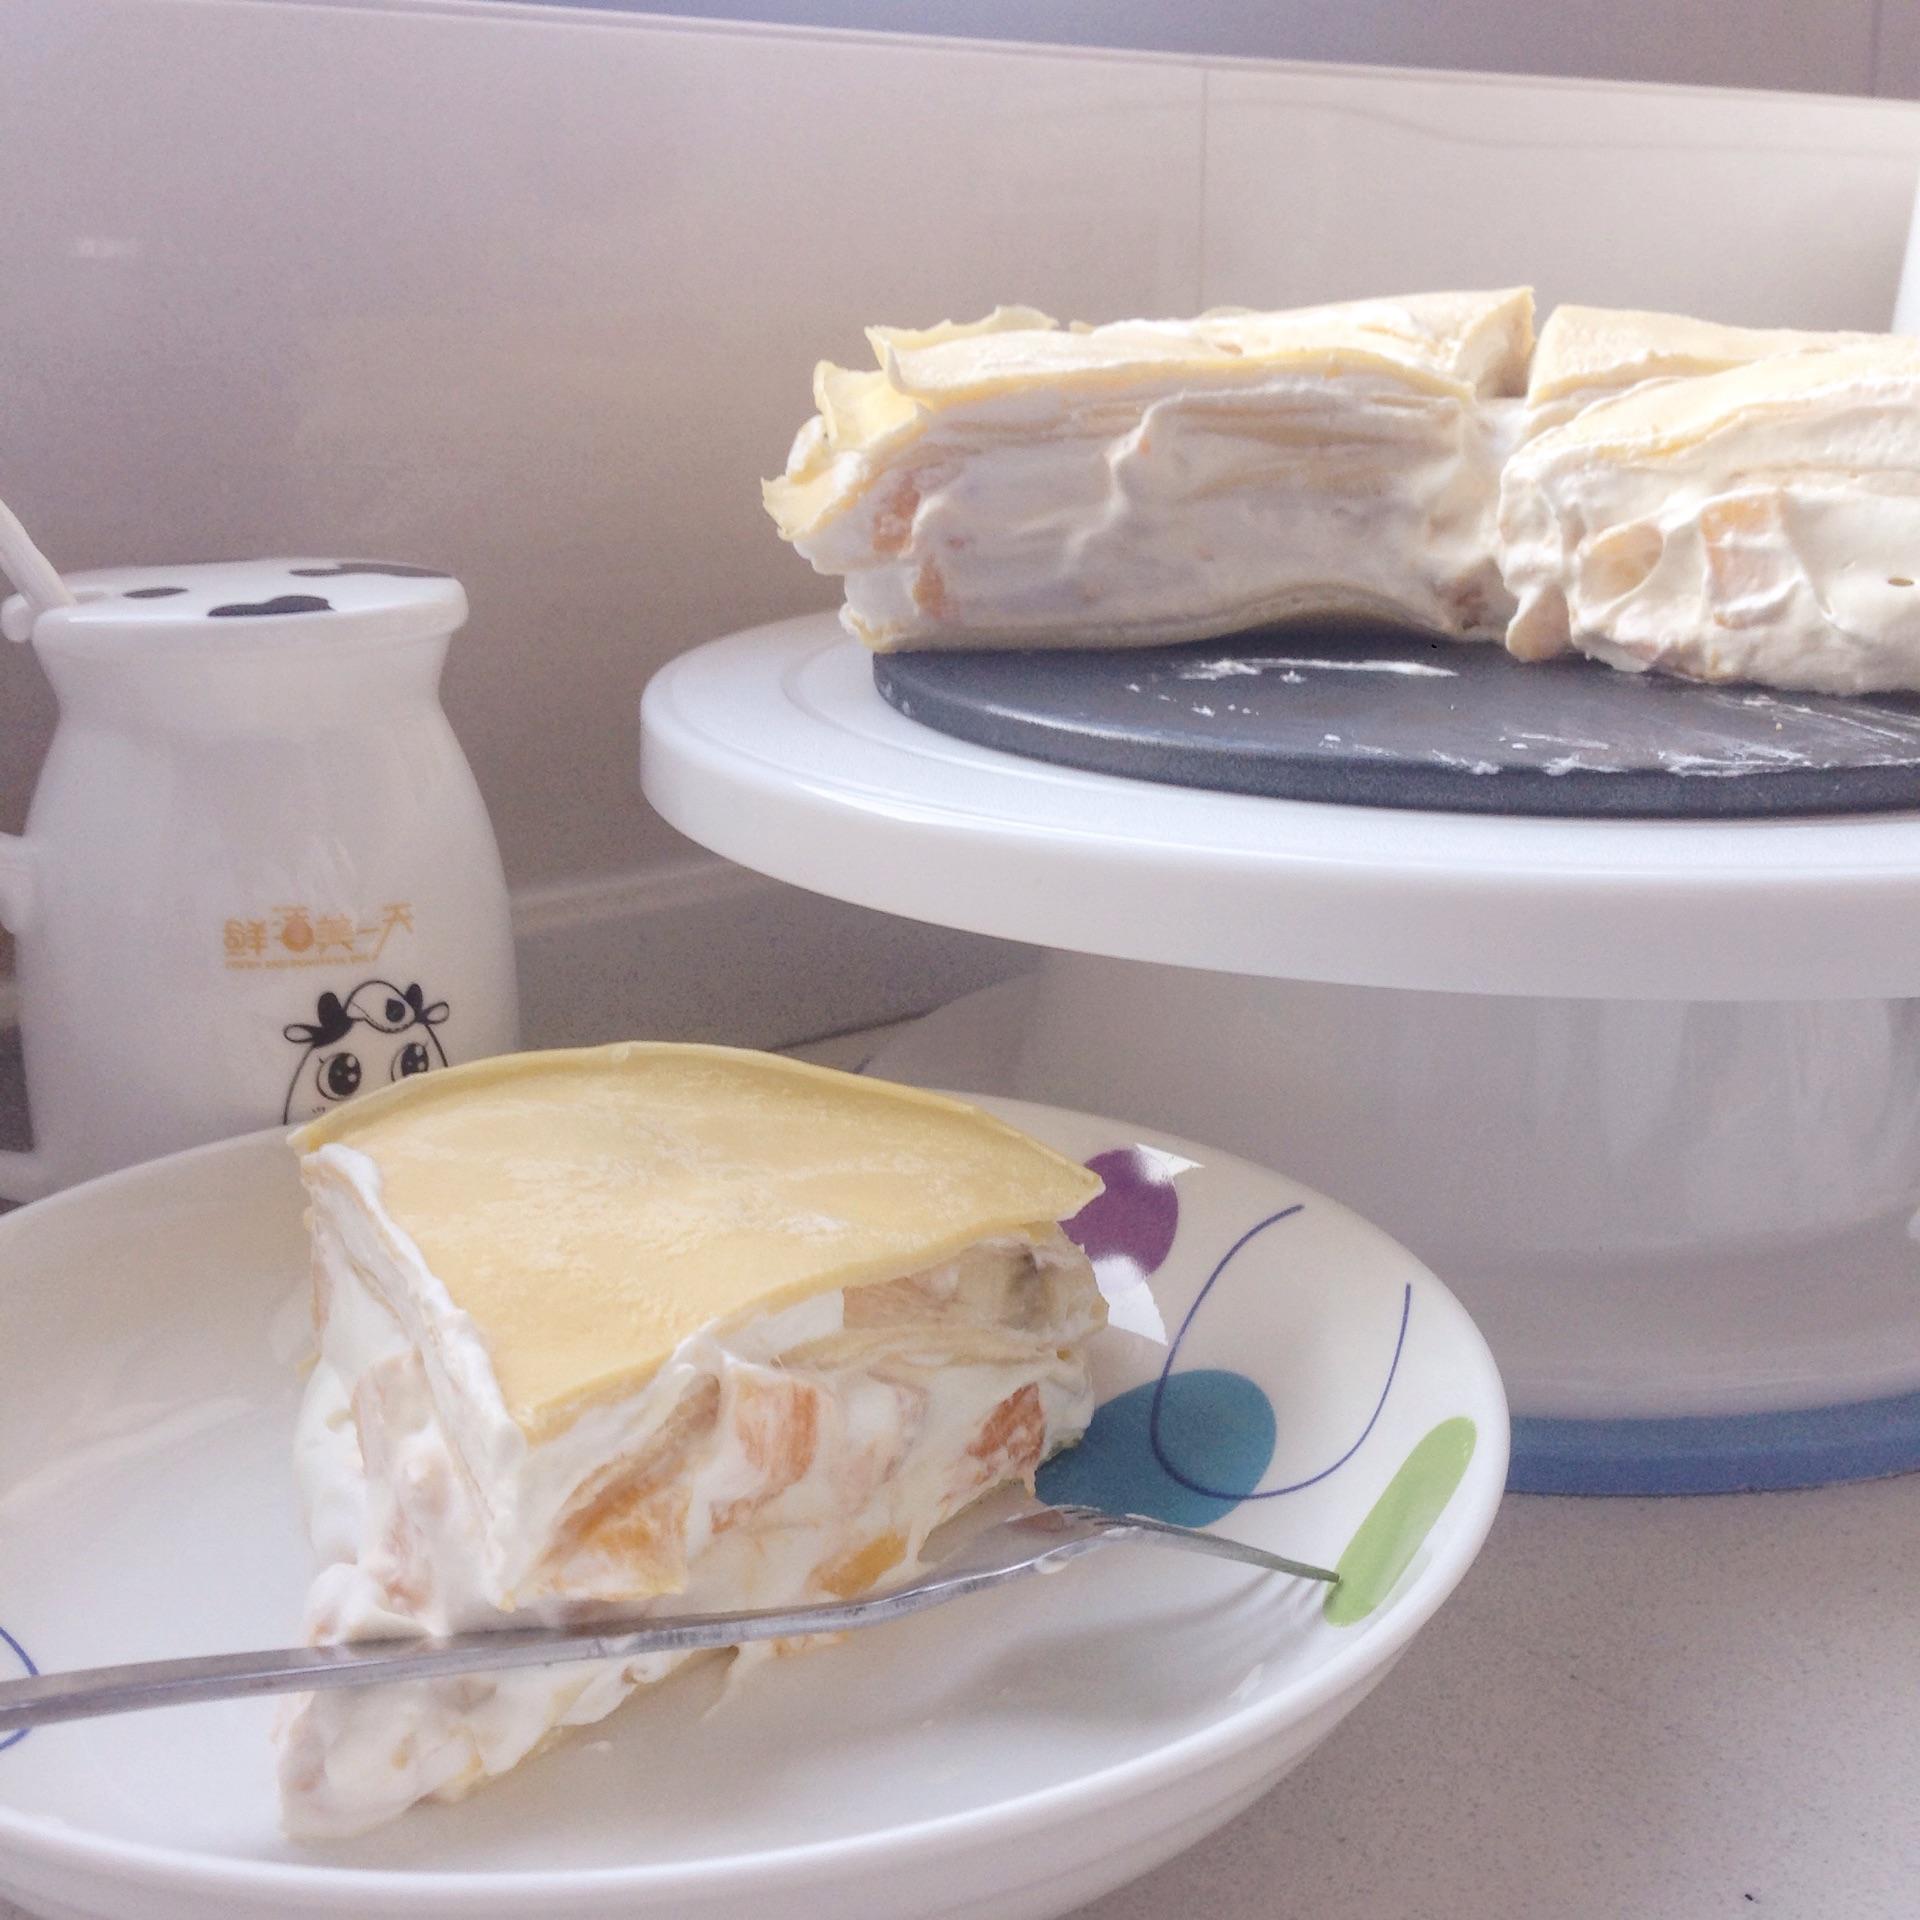 千层蛋糕的做法_千层蛋糕的做法